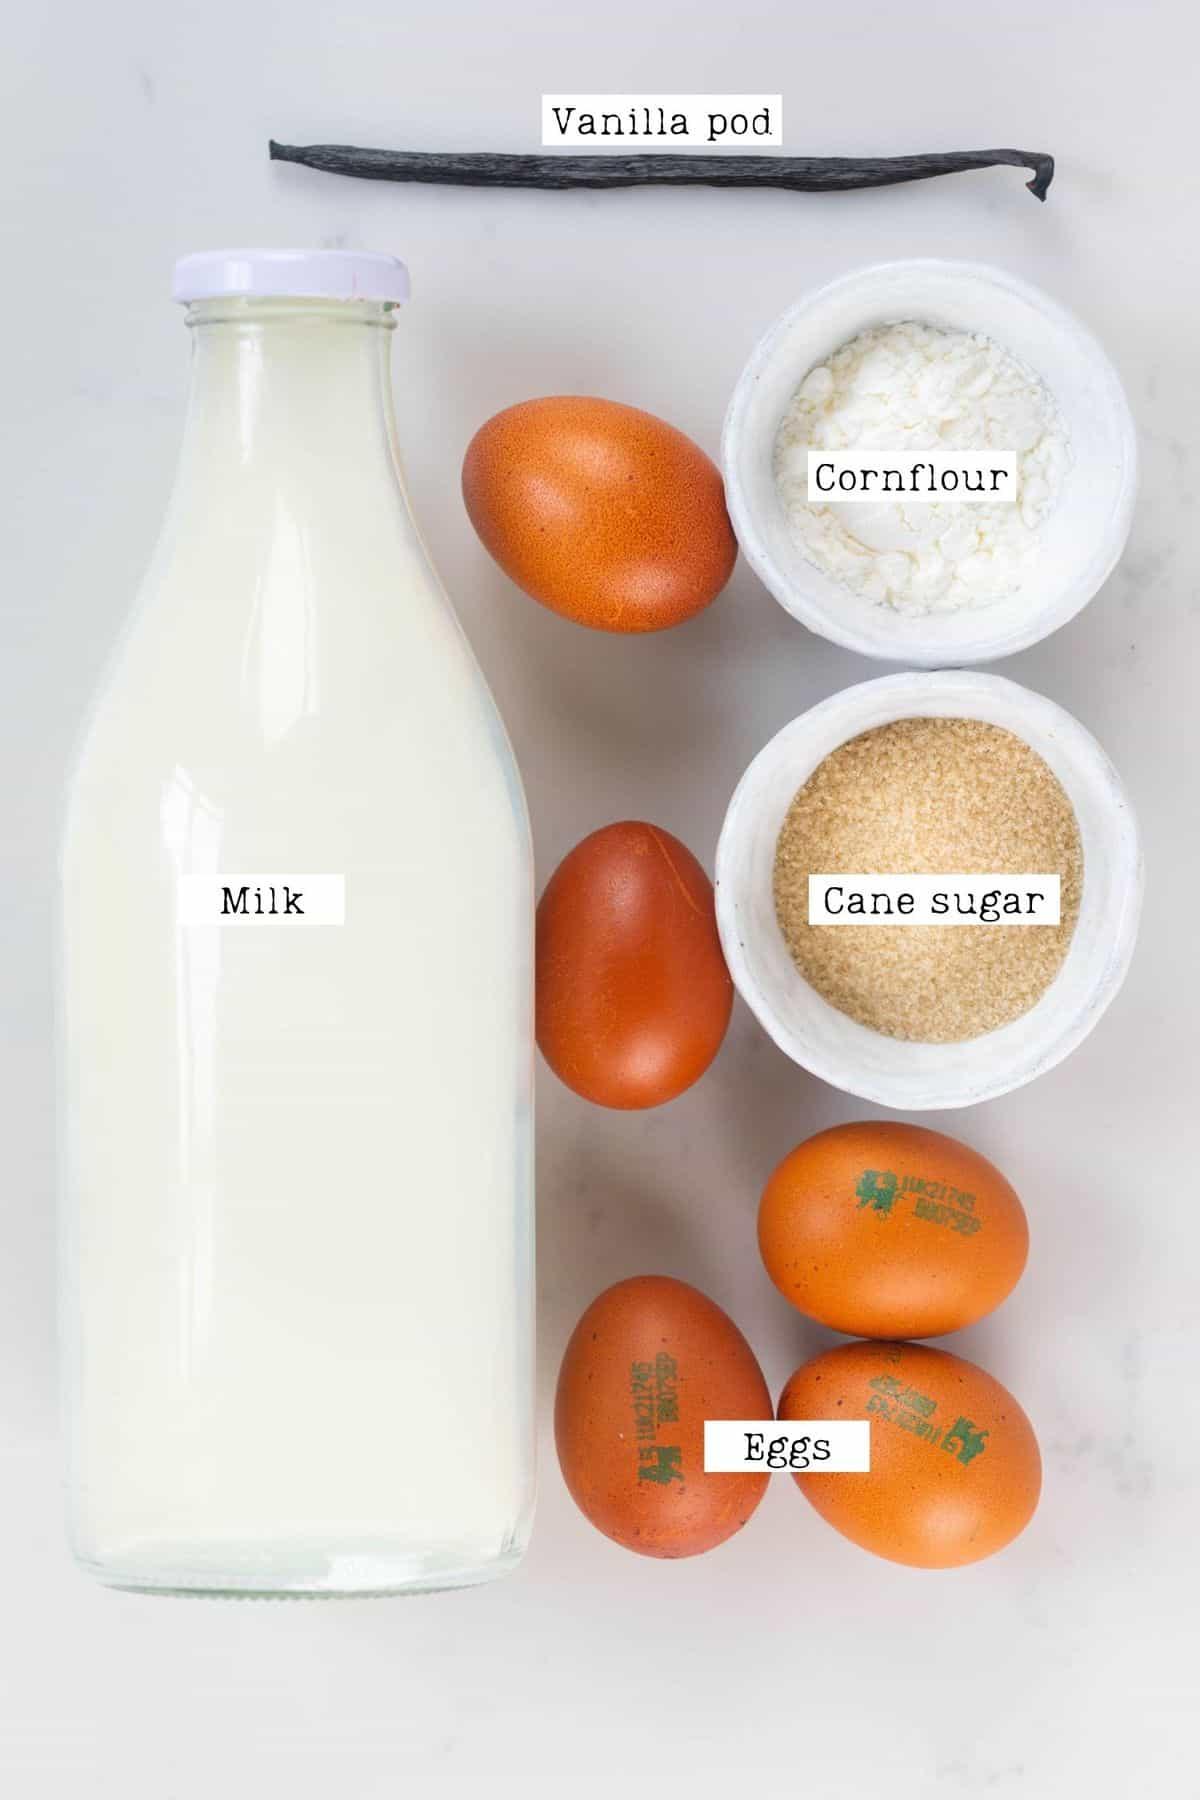 Vanilla Custard Ingredients